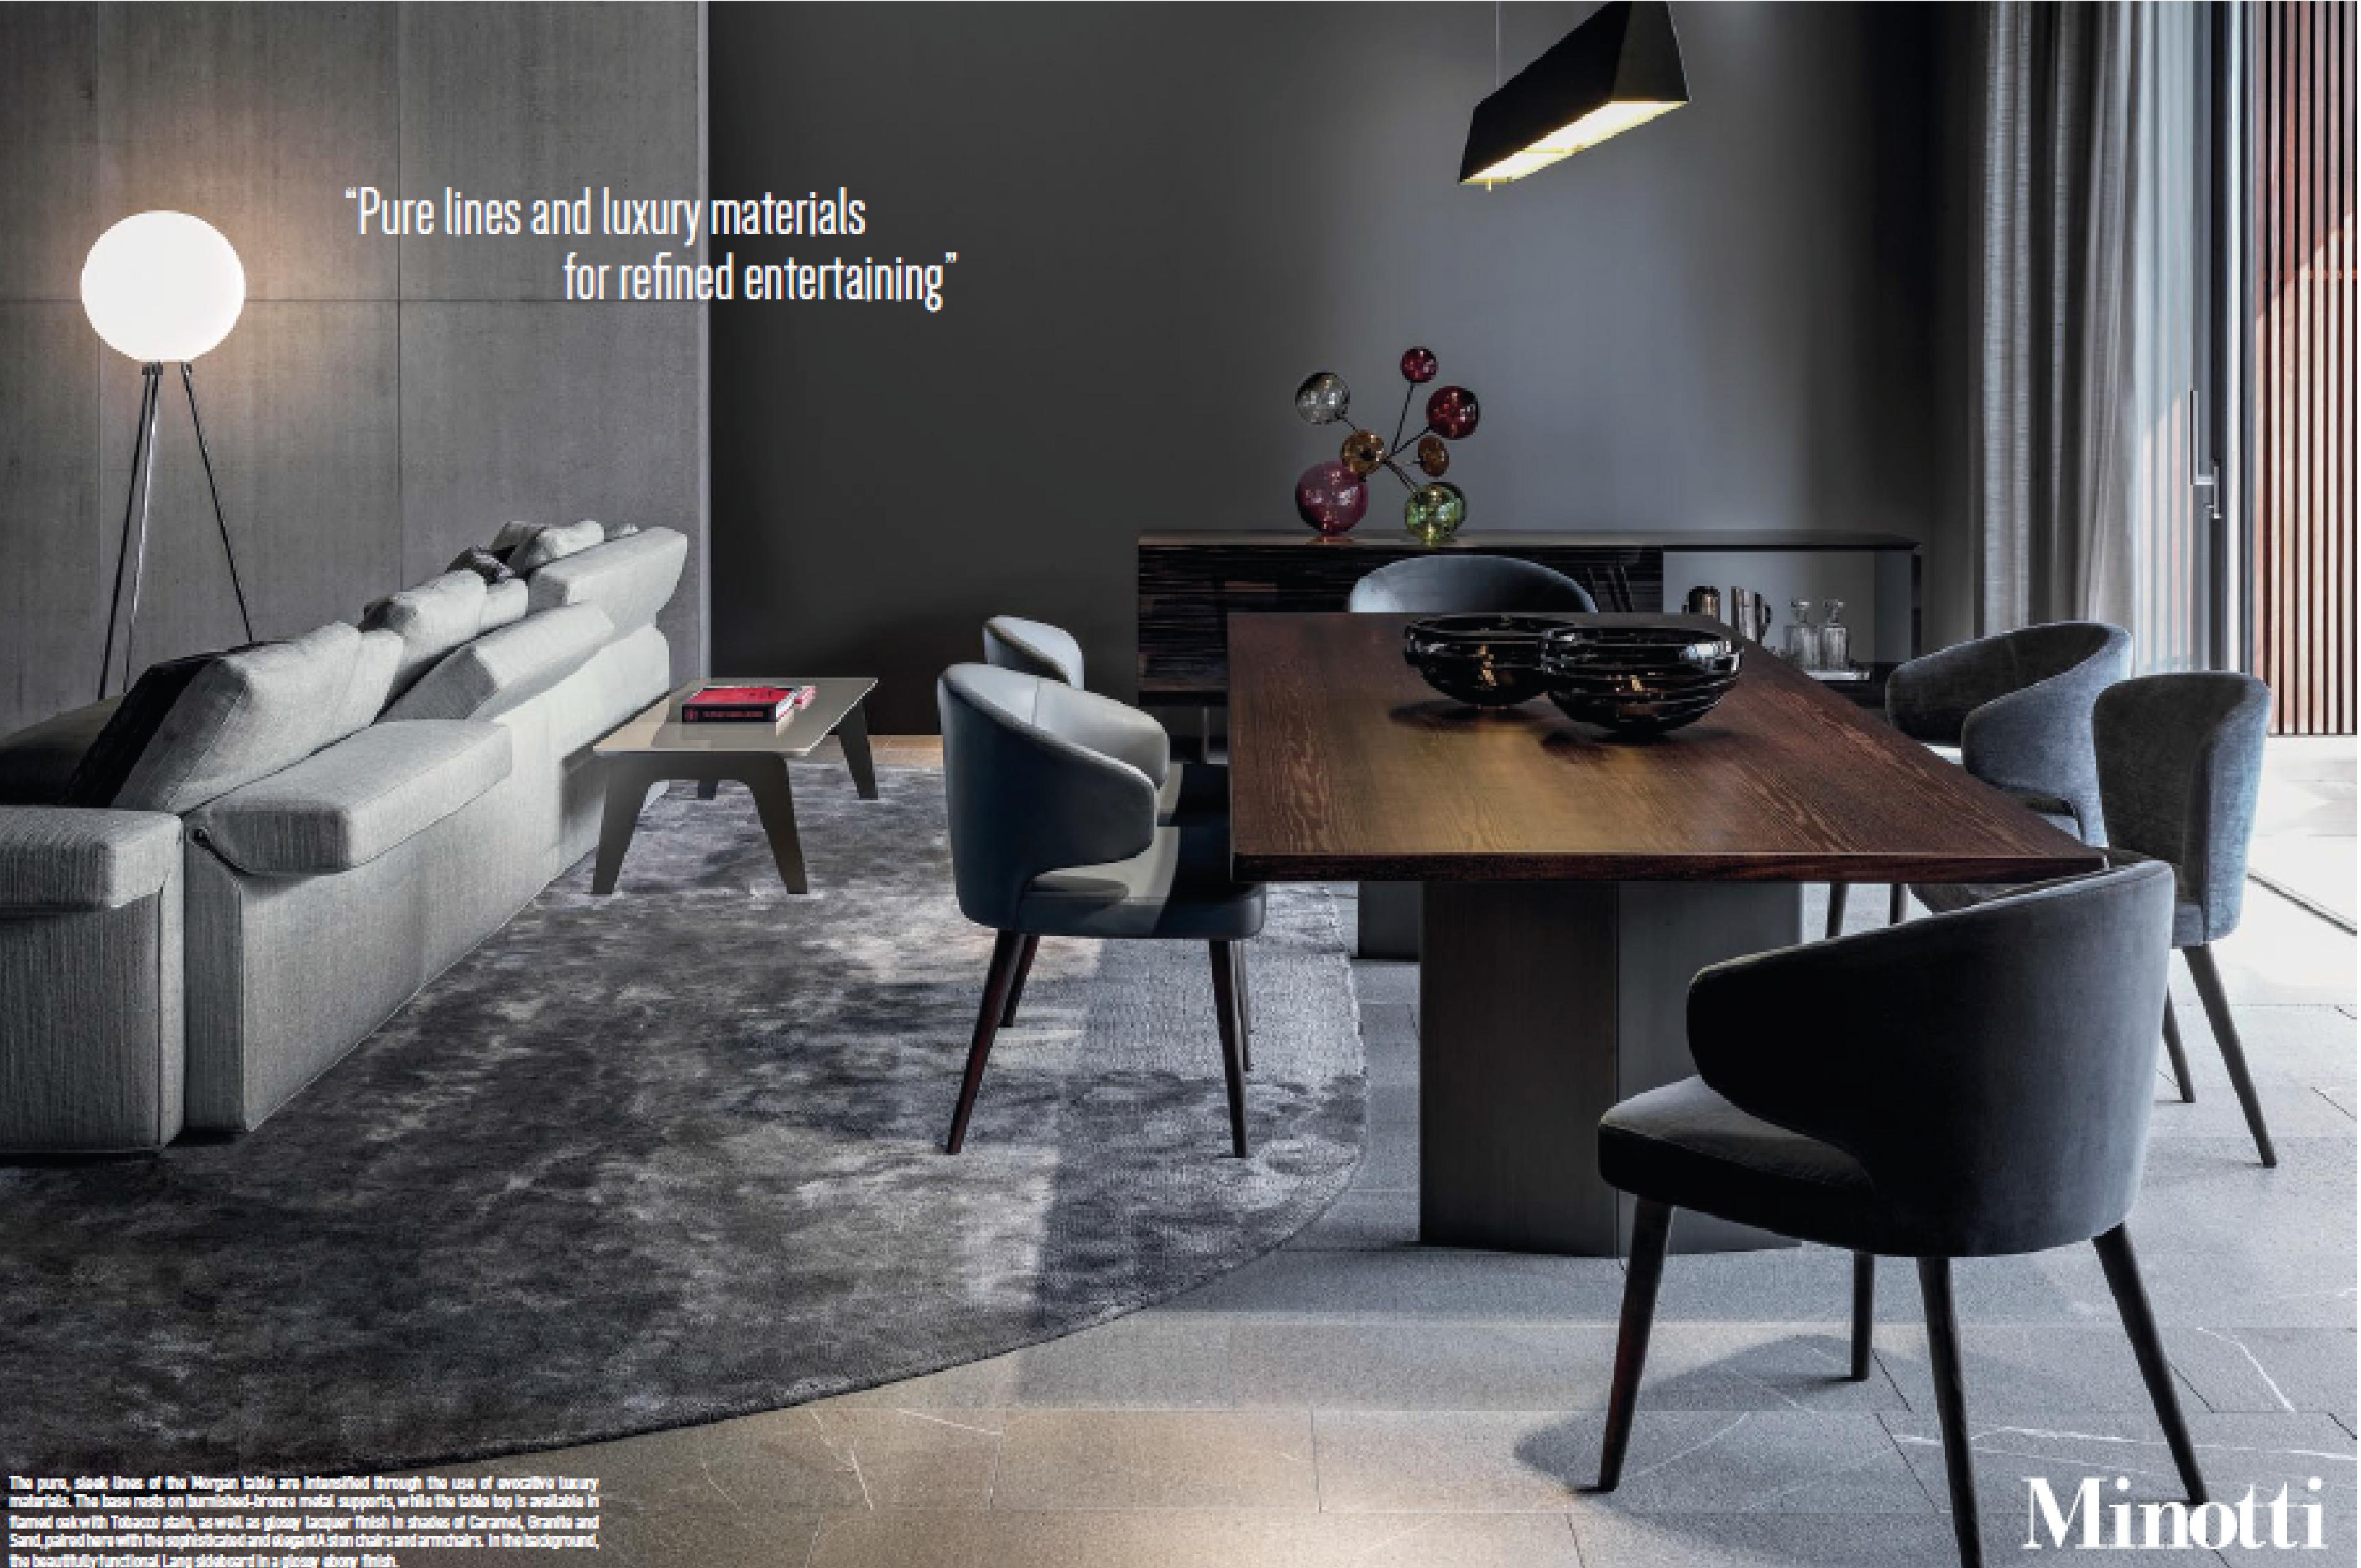 Borgonovo Mobili ~ Minotti special 9 pages ad campaign in oct wallpaper magazine